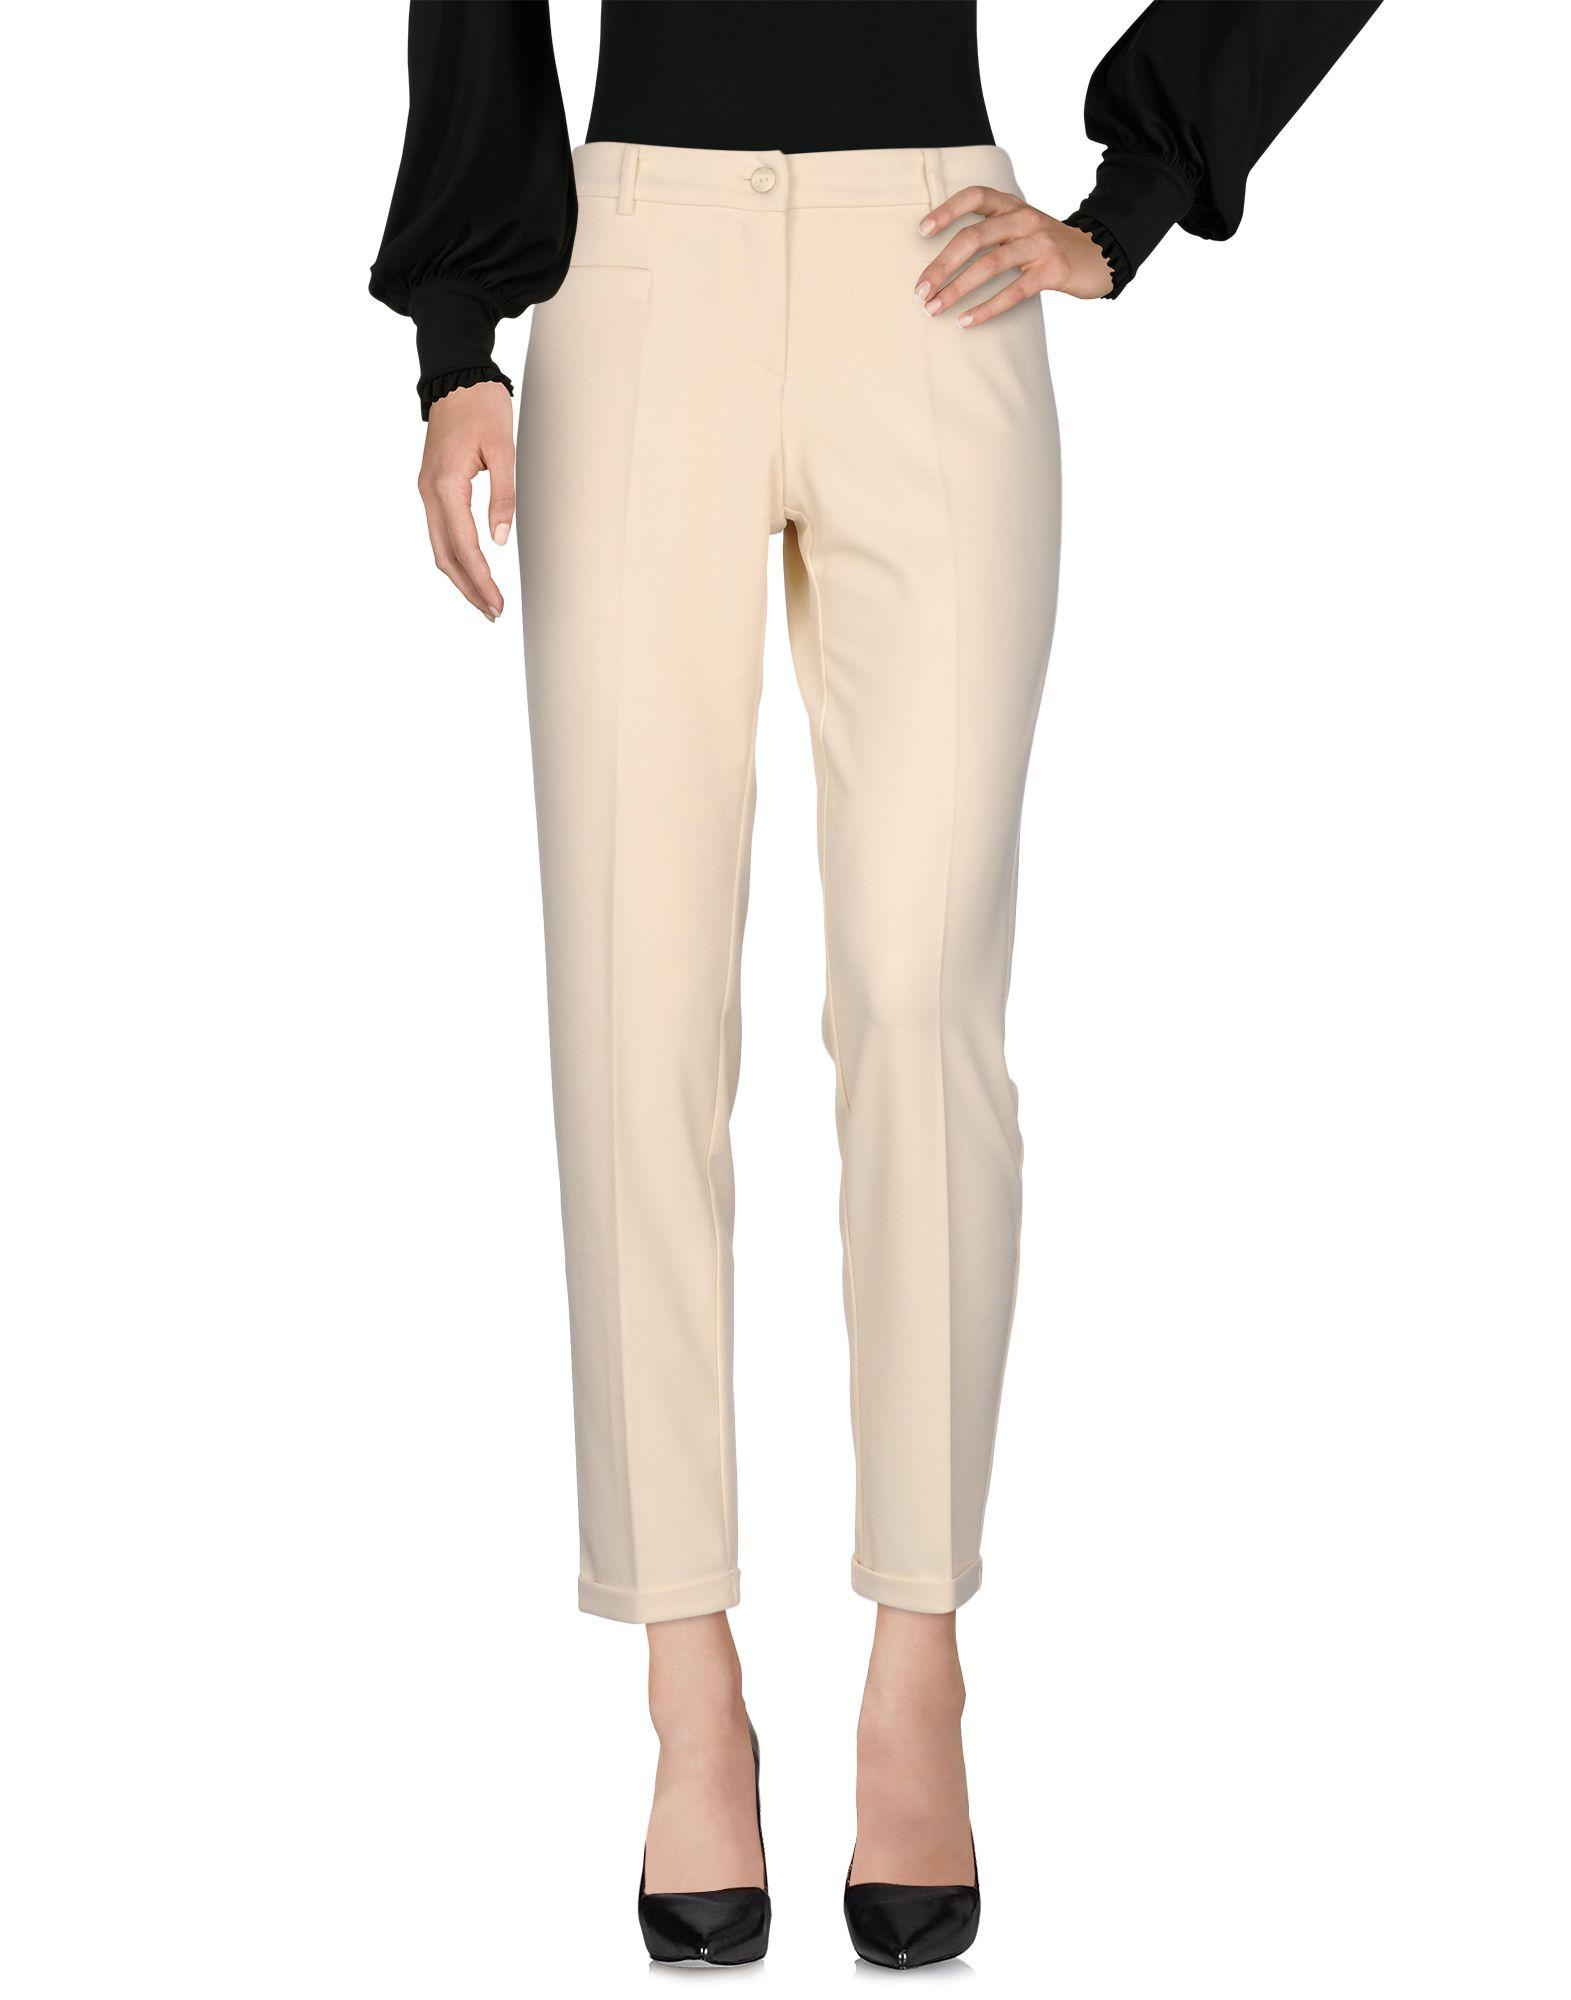 Pantalone Pois damen - 13209850NK